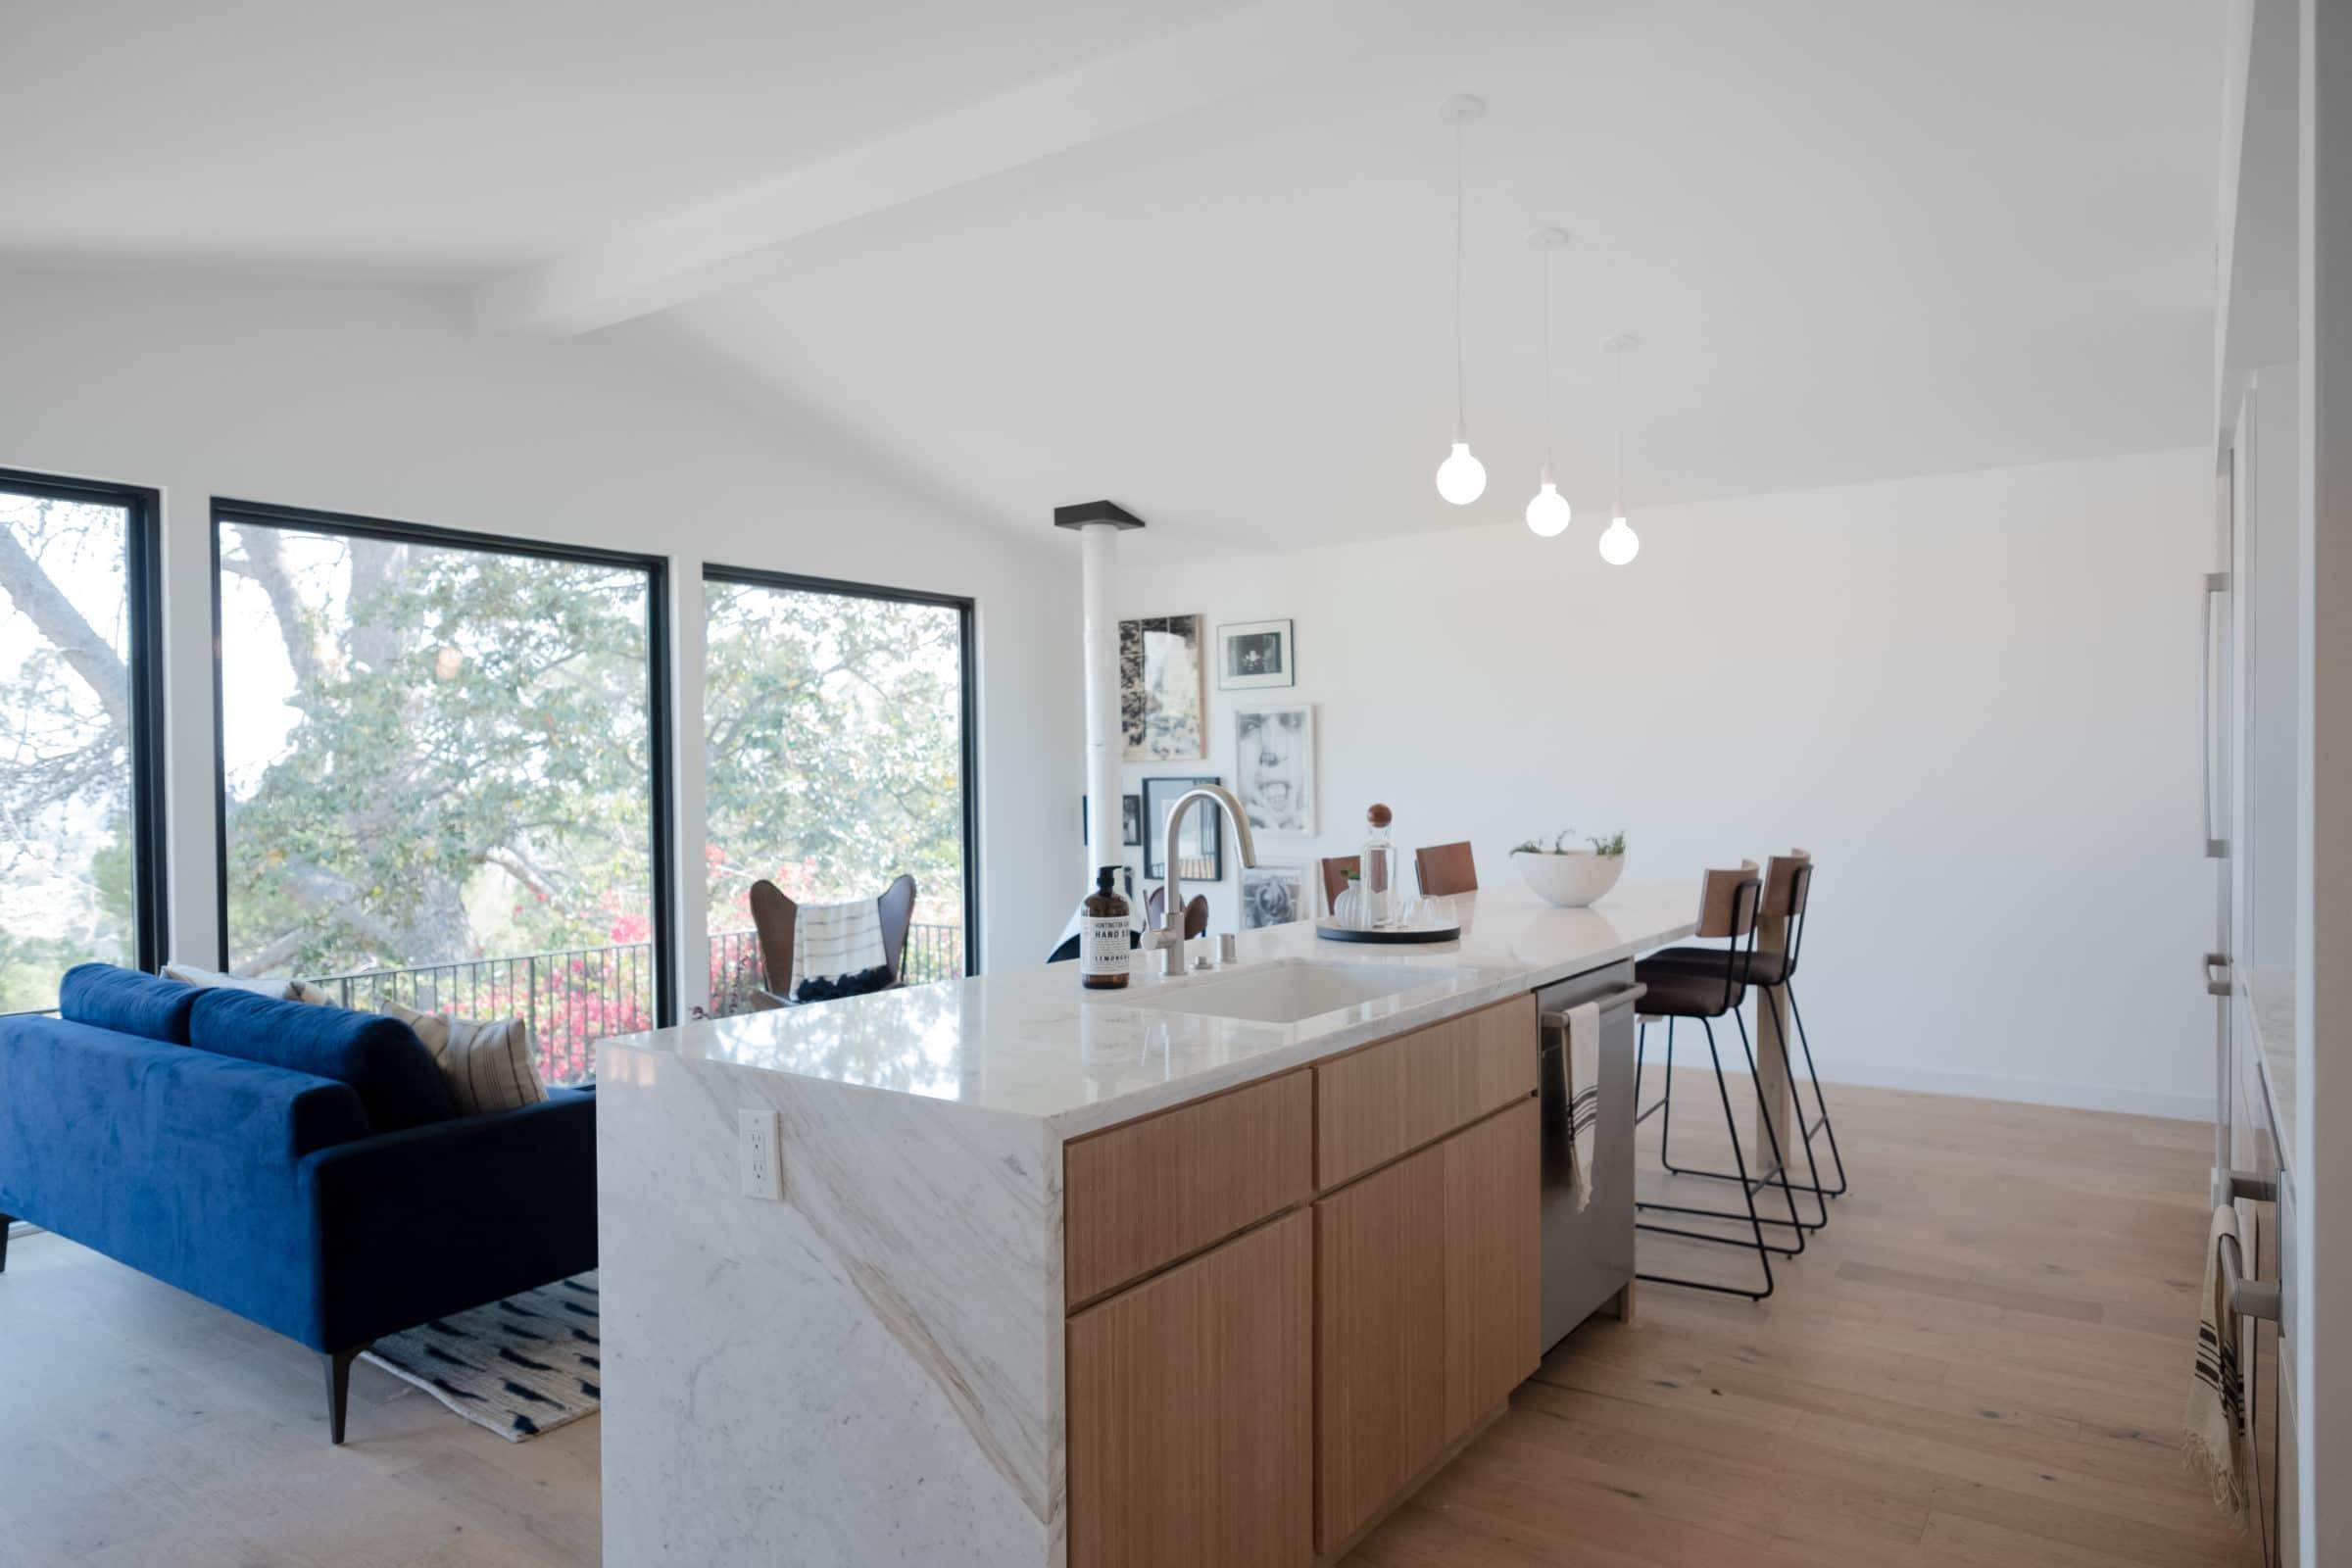 Architectural 3bd 3ba Mid Century Modern By Vein Design In North Highland Park Hills